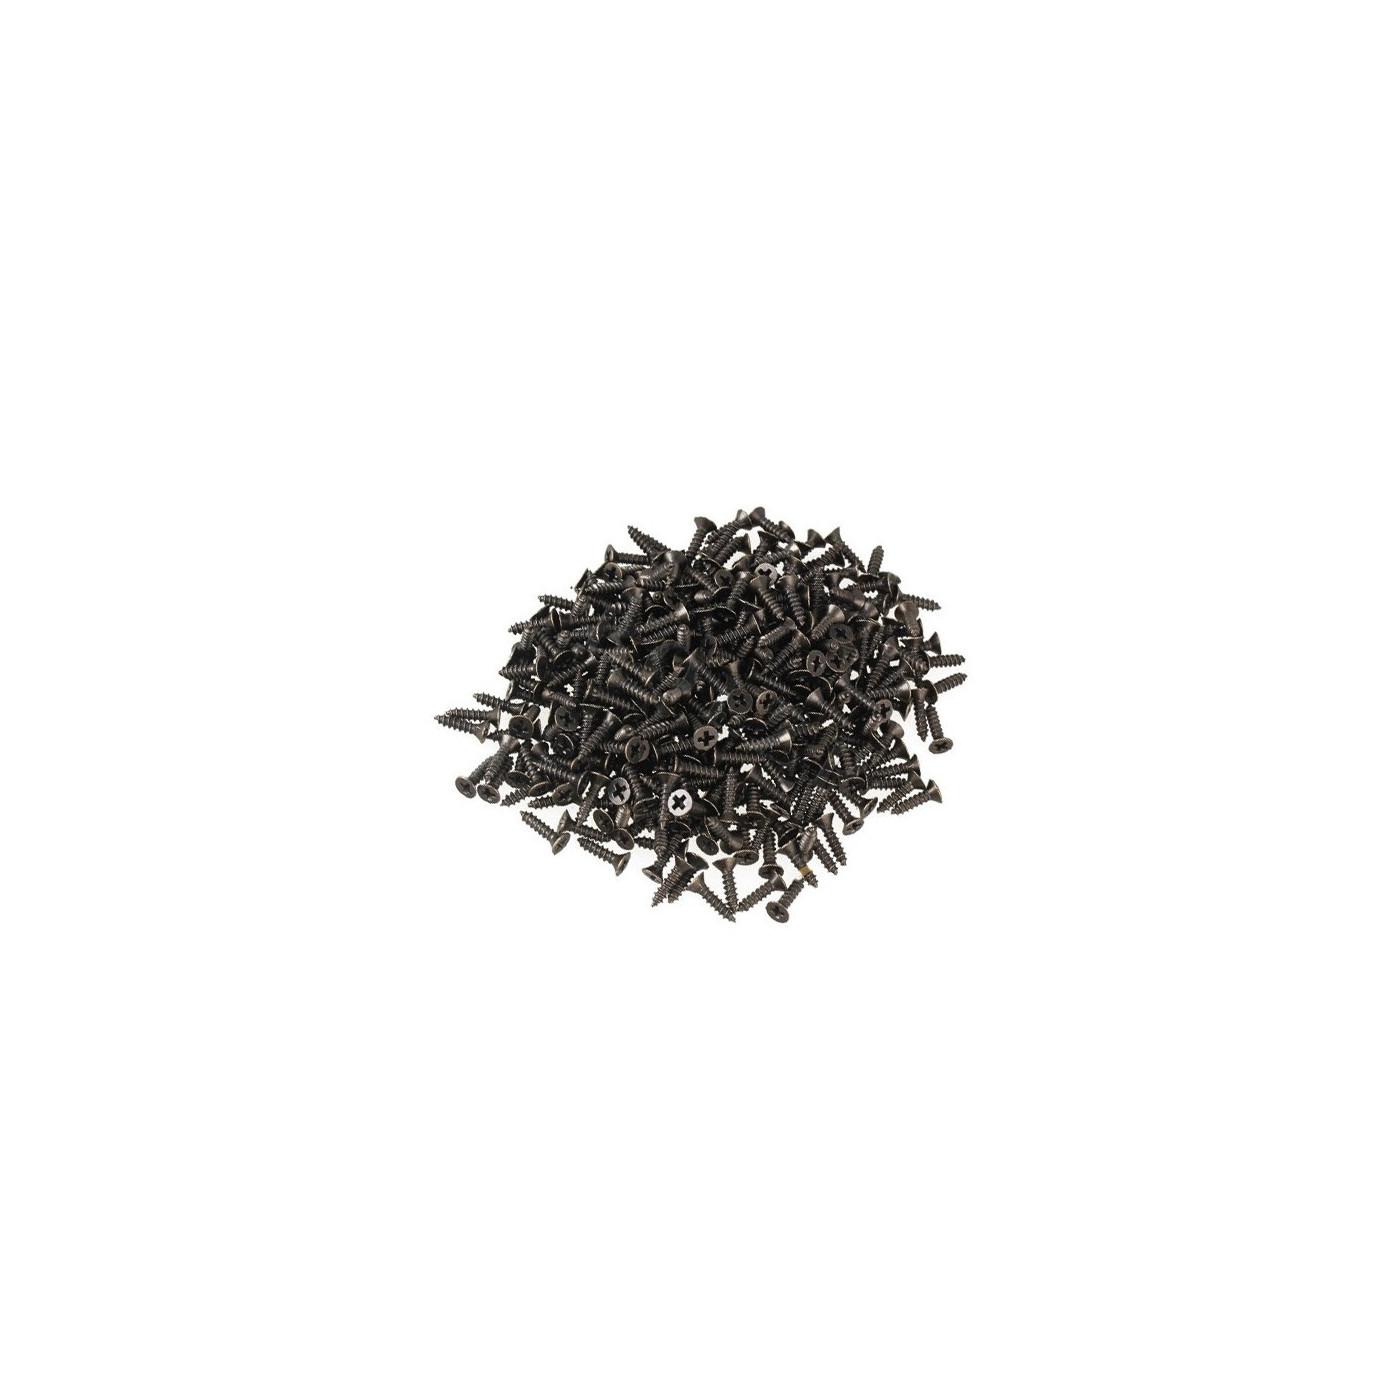 Zestaw 300 mini śrub (2,5x10 mm, łeb stożkowy, kolor brązowy)  - 1